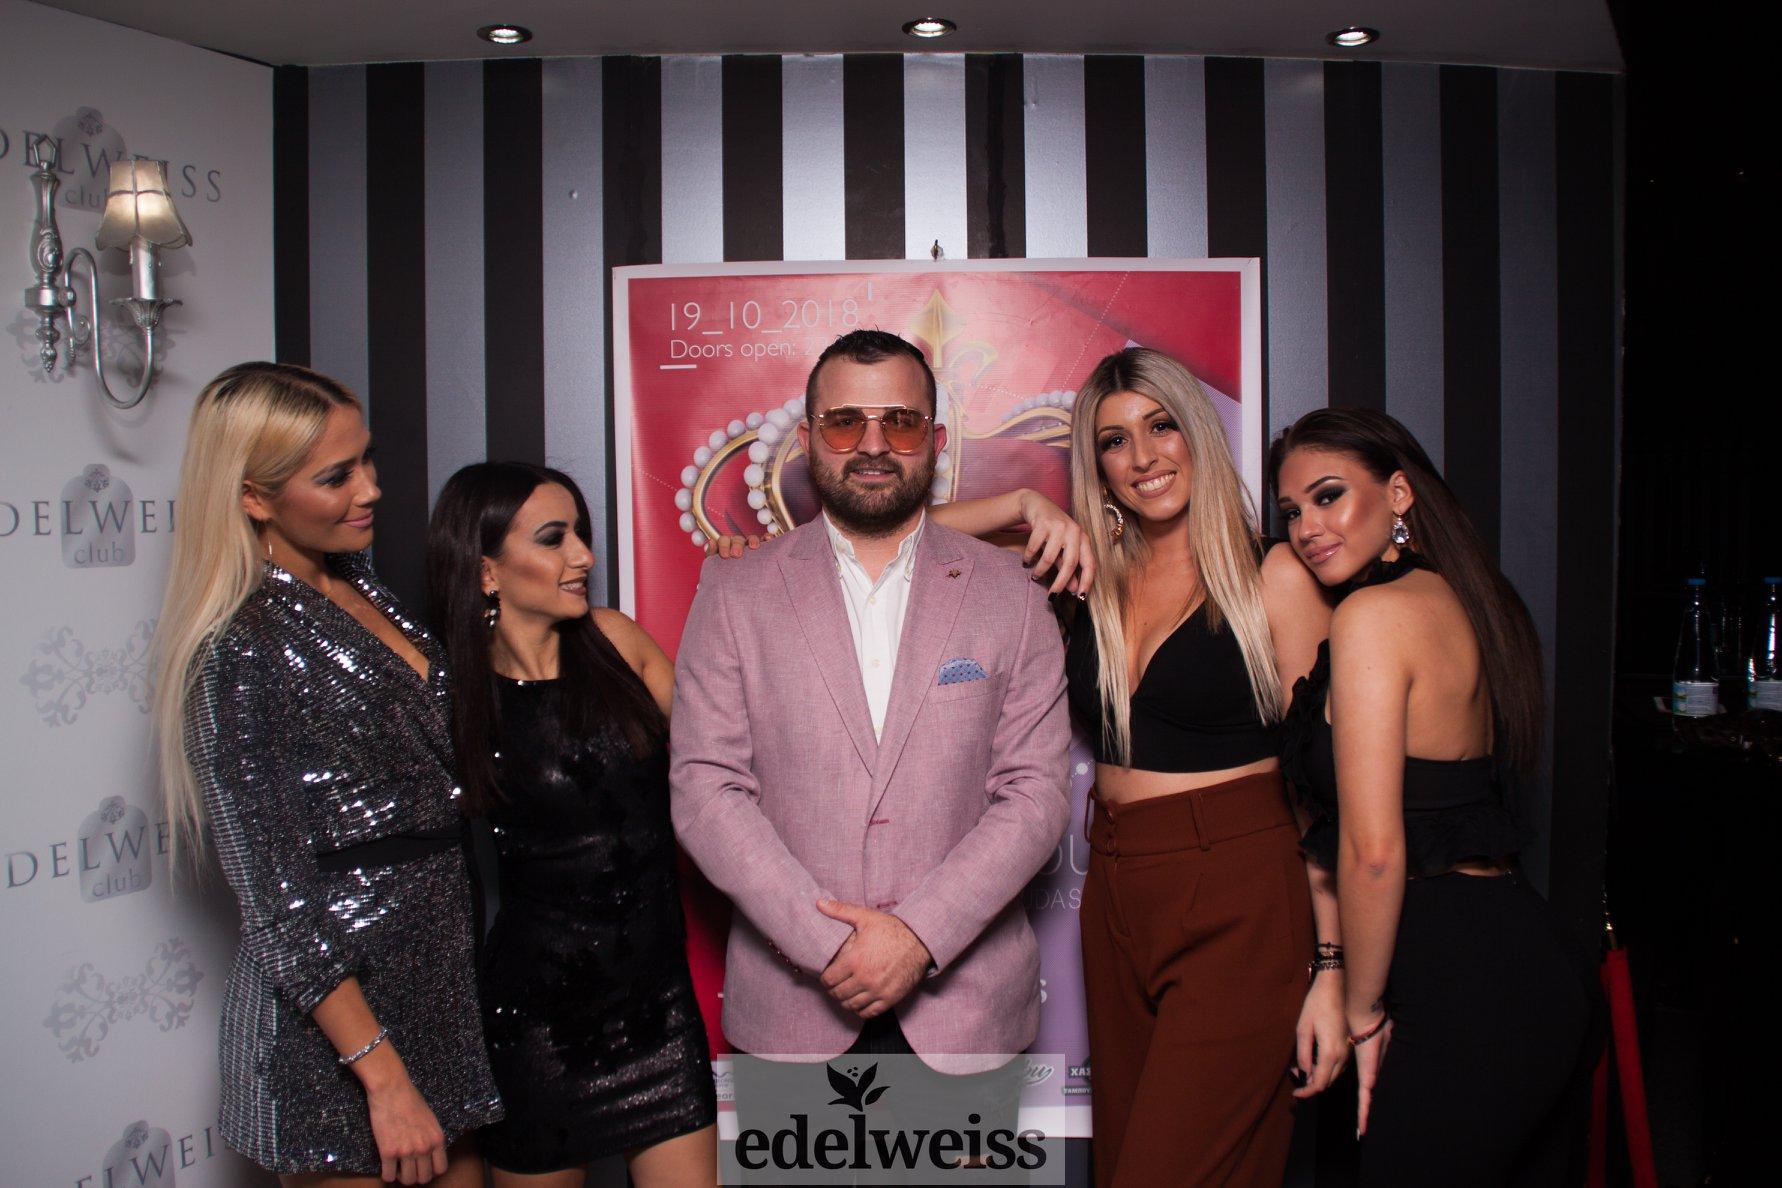 Μέχρι το πρωί διήρκεσε το party της Παρασκευής στο Edelweiss Nightclub